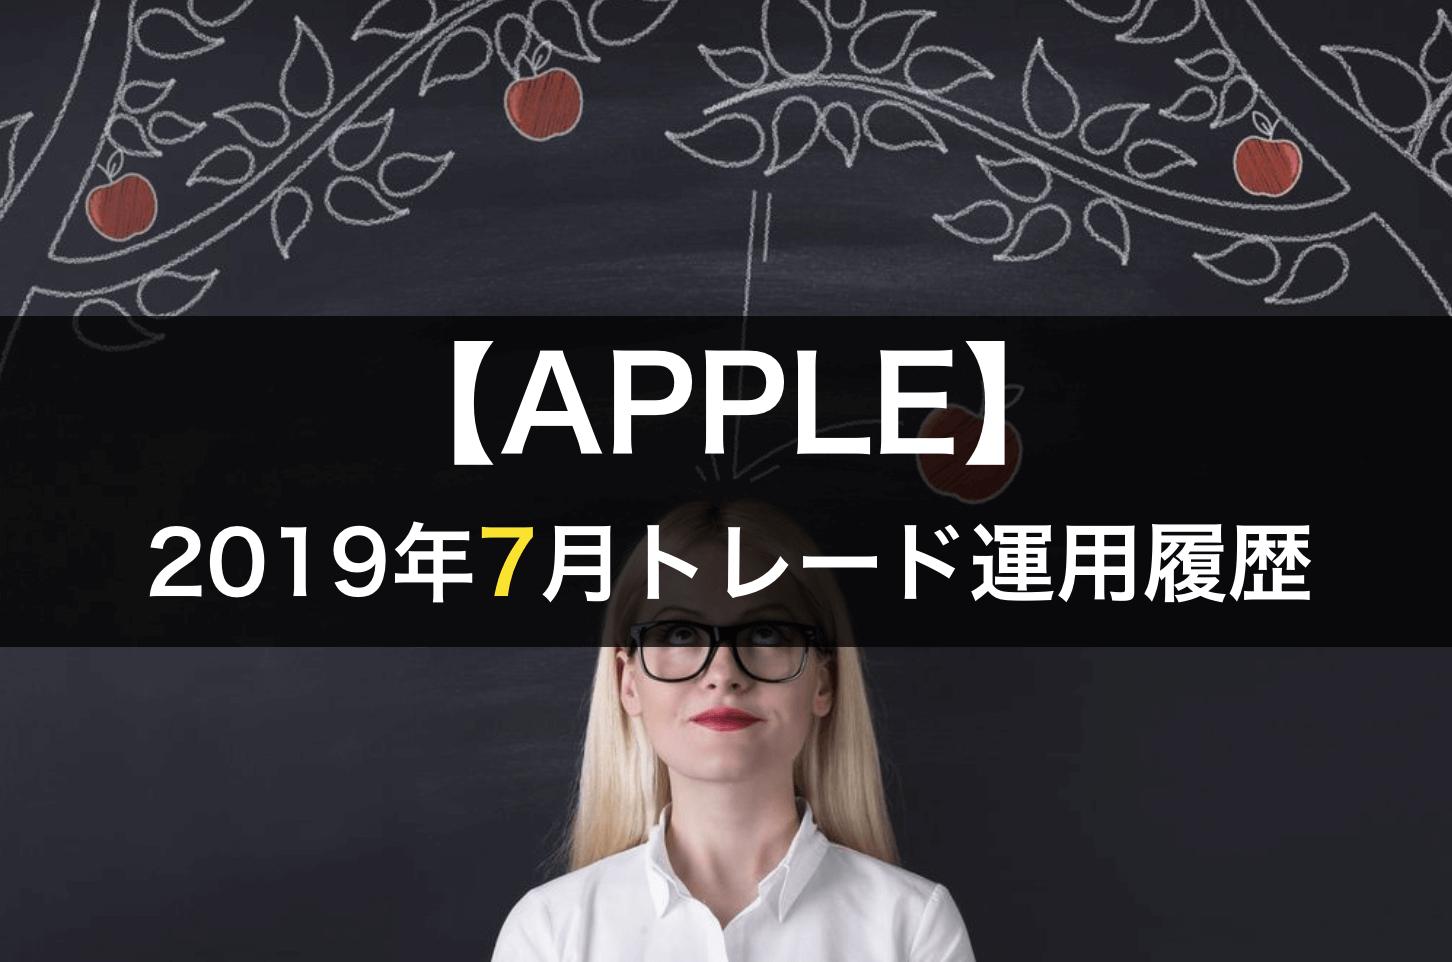 2019年7月のapple自動売買結果